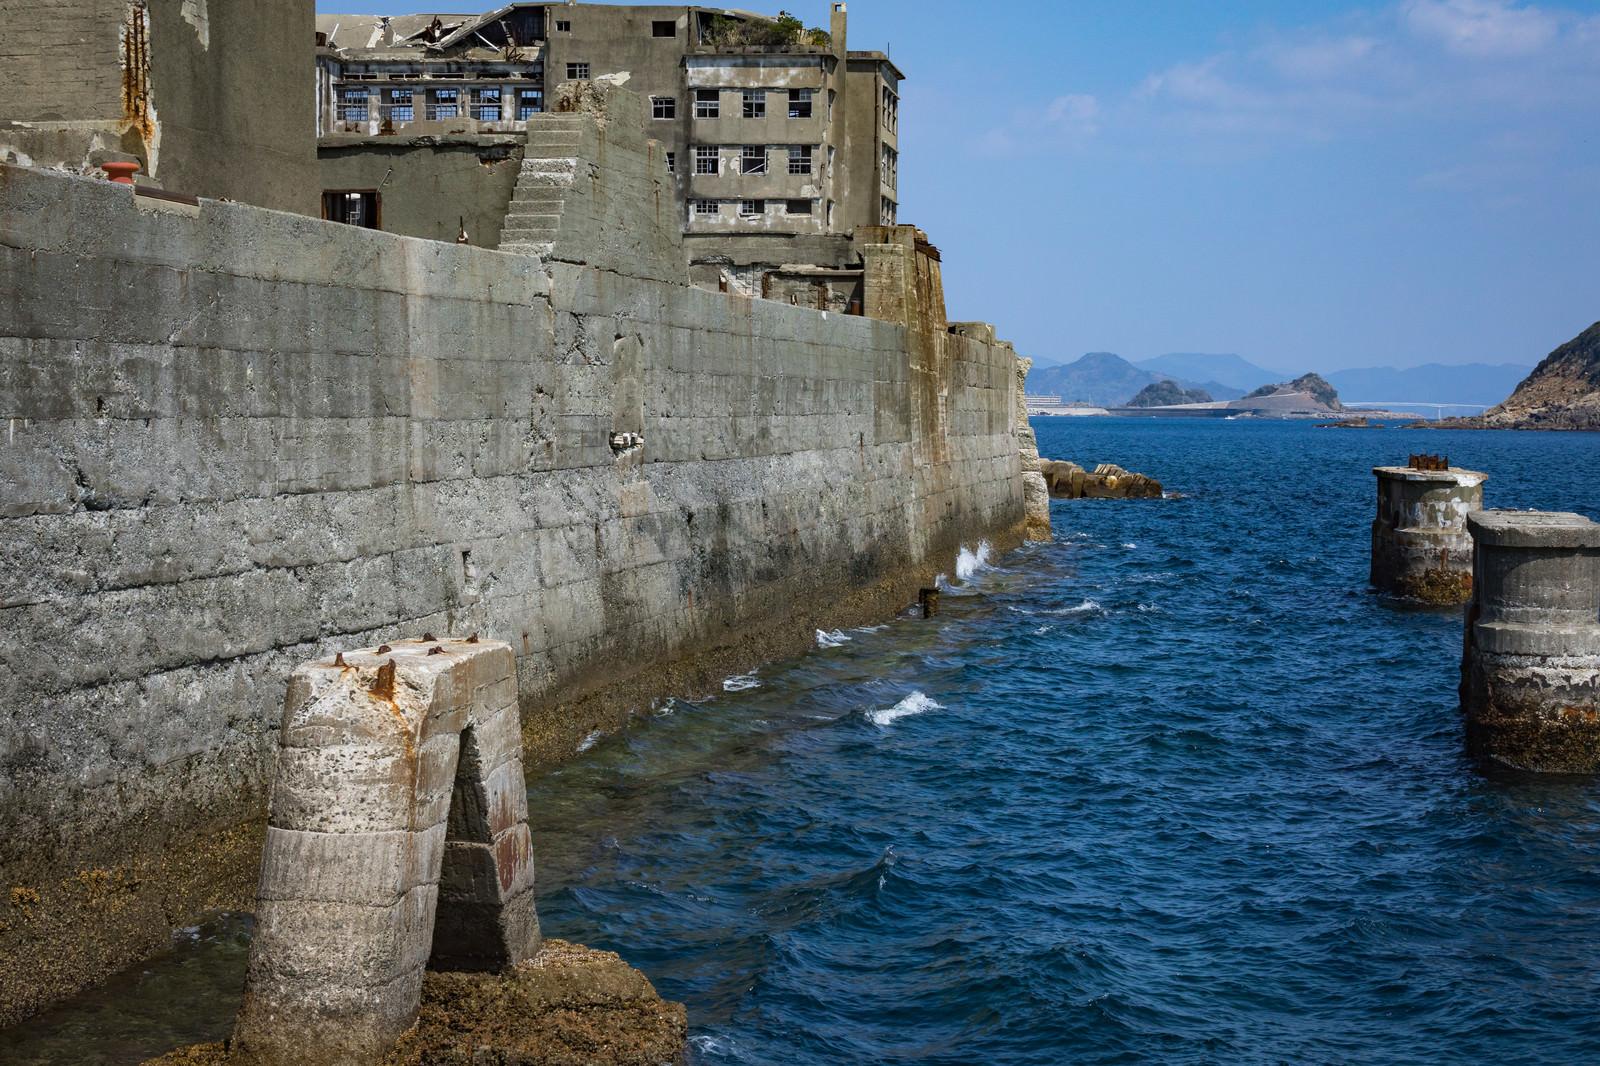 「軍艦島を高波から守る防波堤 | 写真の無料素材・フリー素材 - ぱくたそ」の写真